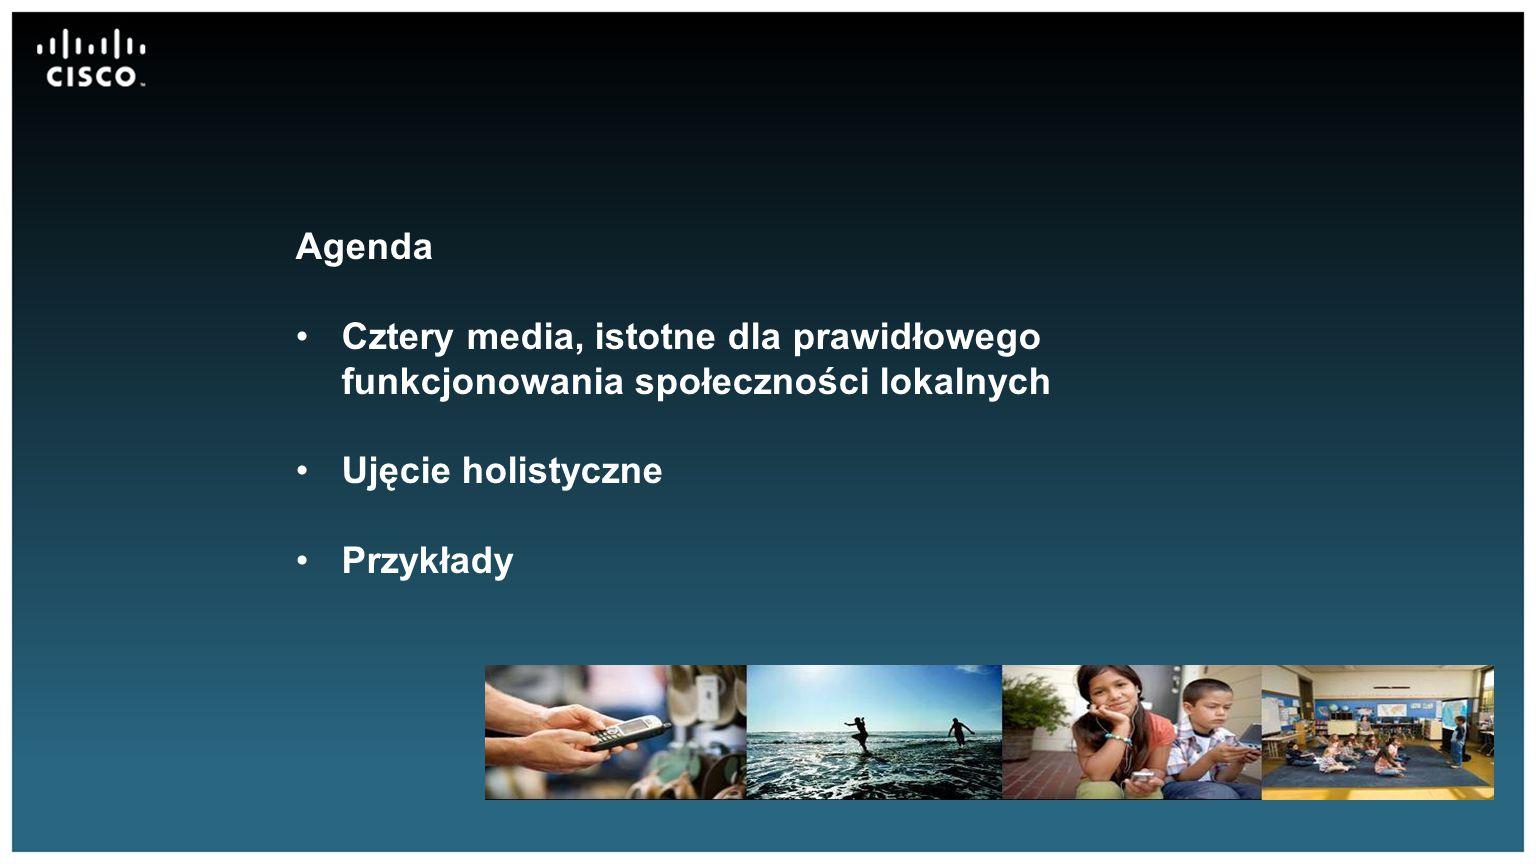 Agenda Cztery media, istotne dla prawidłowego funkcjonowania społeczności lokalnych Ujęcie holistyczne Przykłady